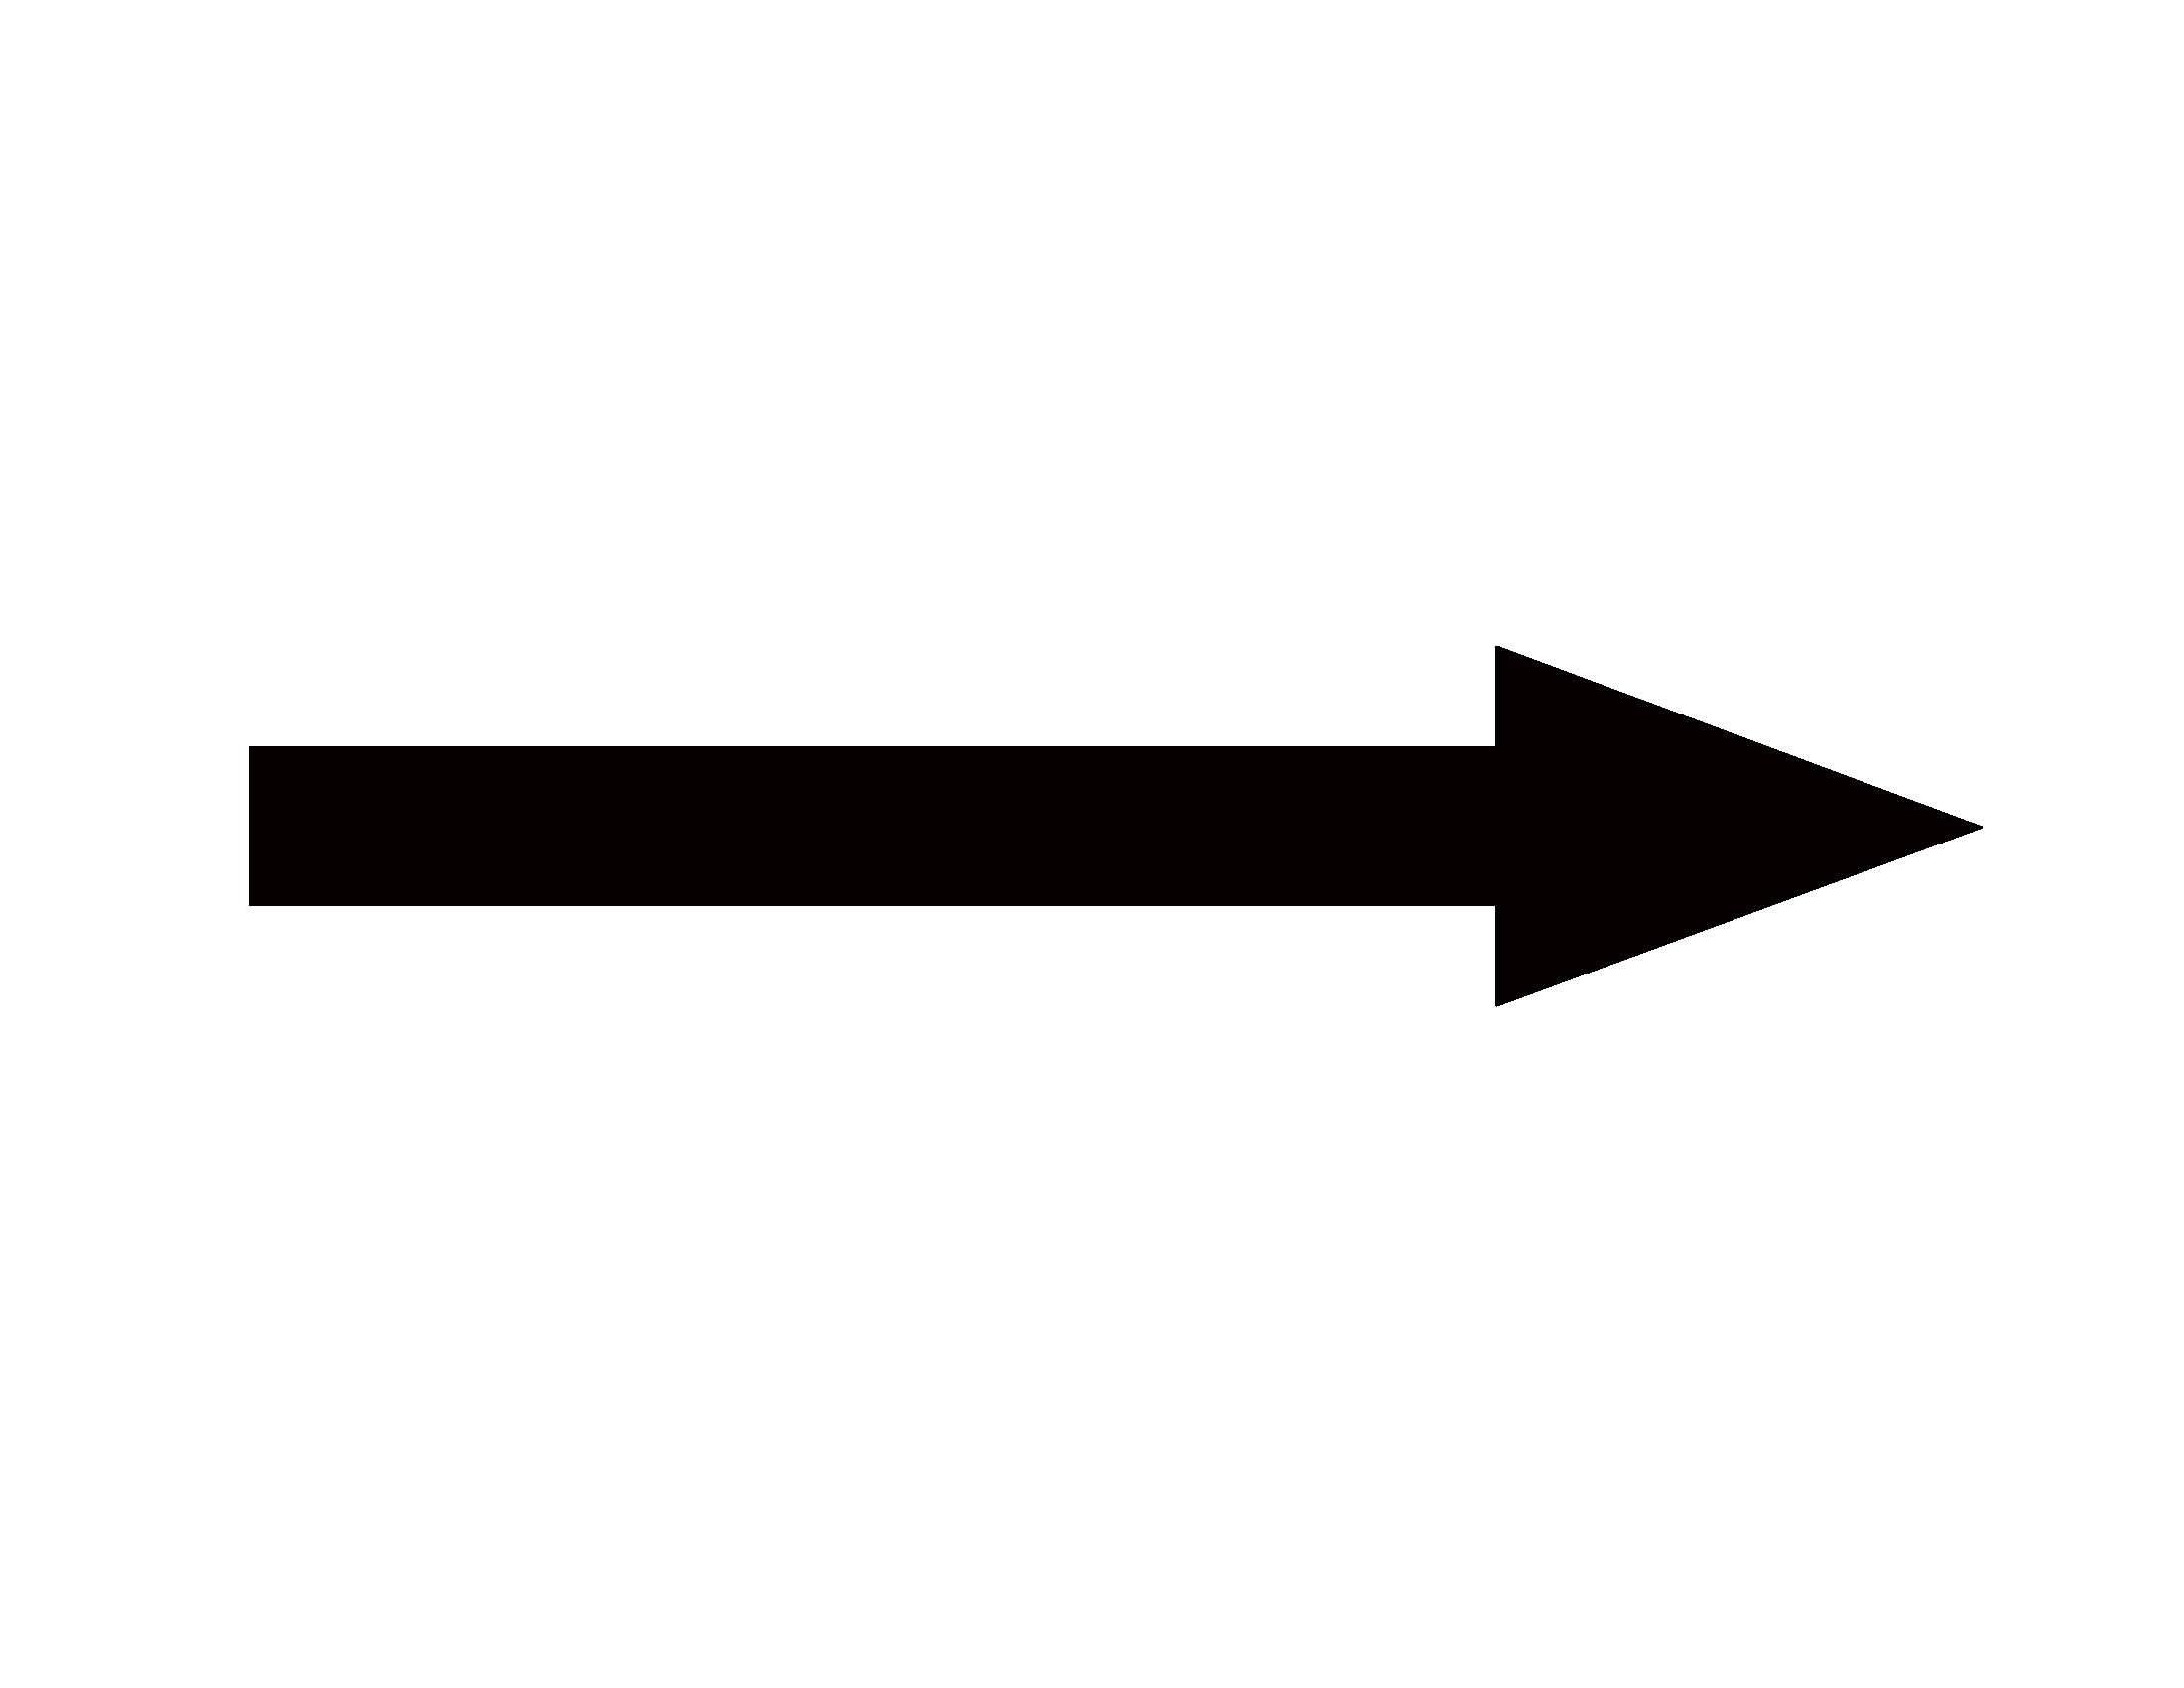 Free Arrow Clip Art, Download Free Clip Art, Free Clip Art.